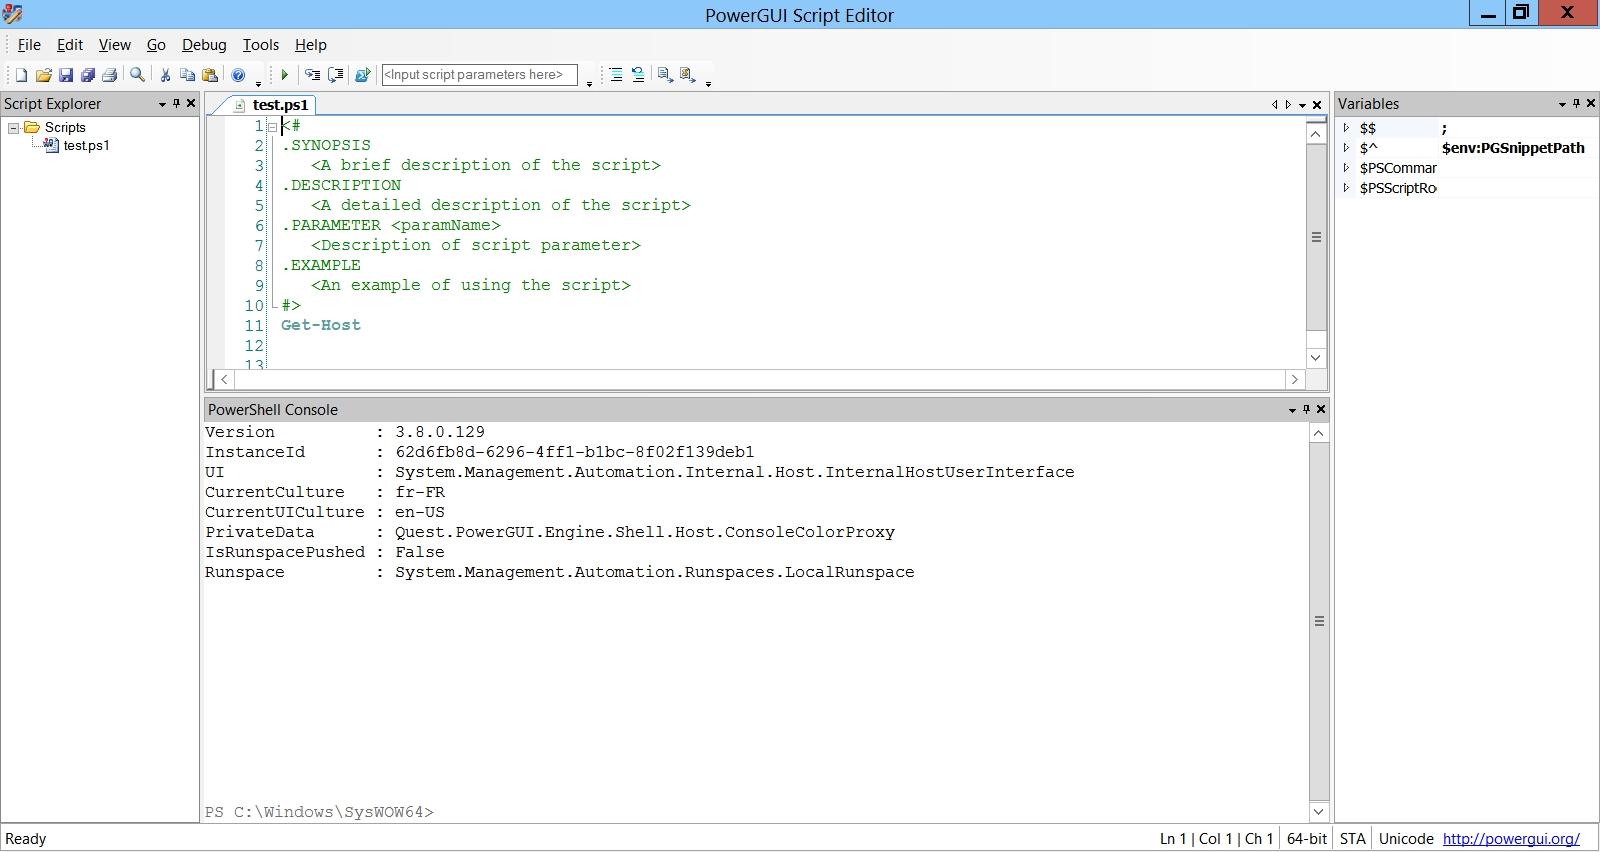 Quest PowerGUI, un éditeur pour scripter en PowerShell